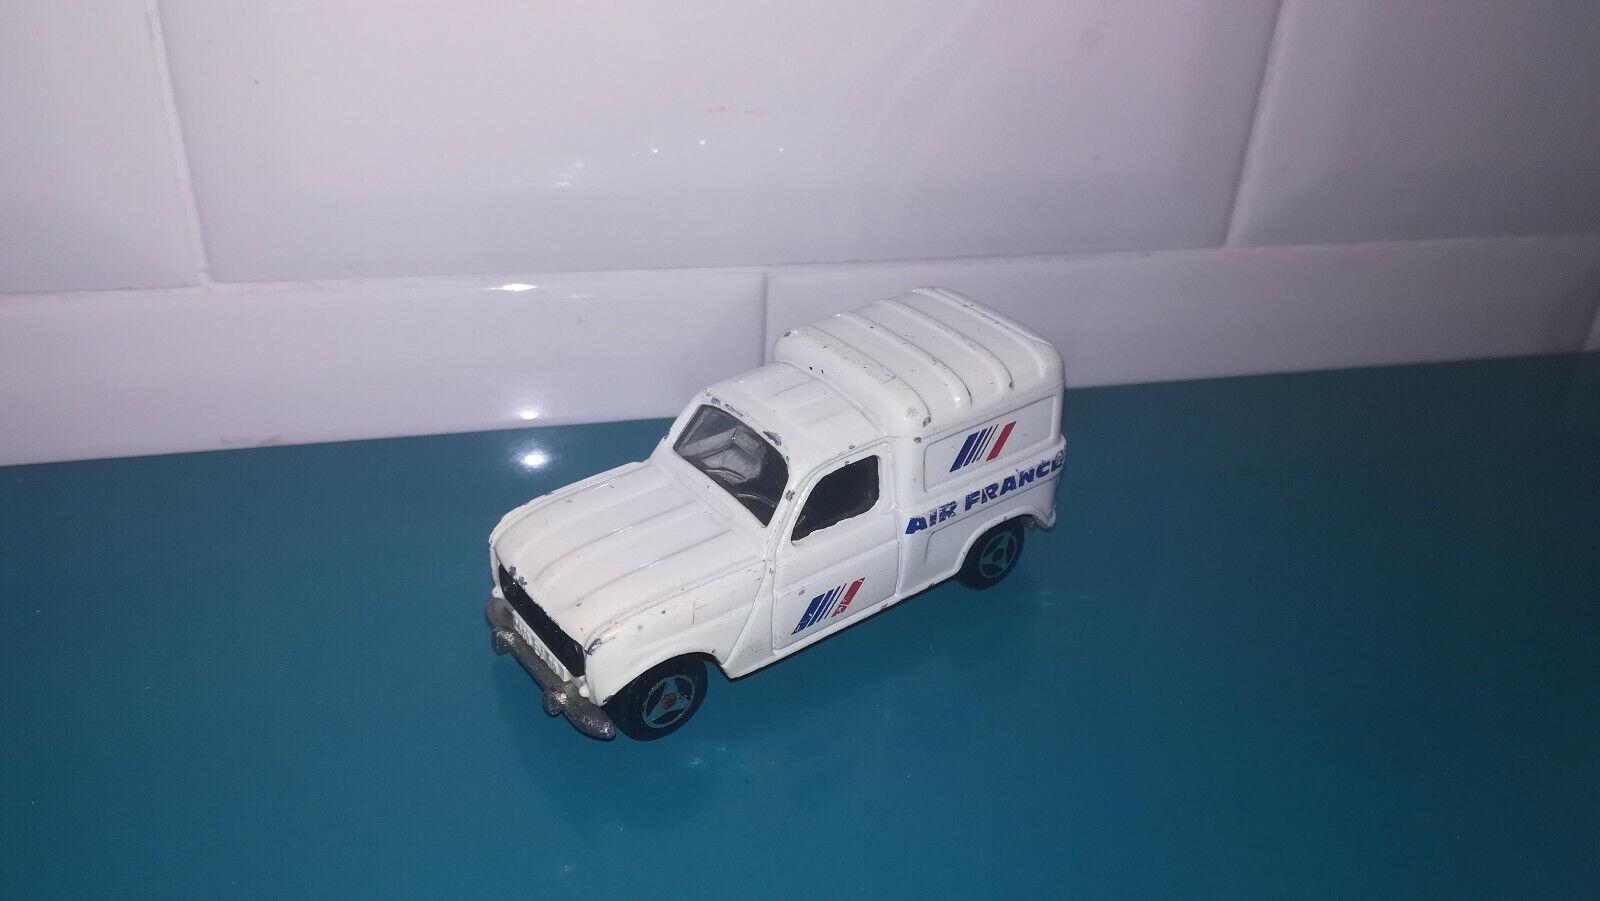 03.03.19.3 voiture miniature Majorette n°230  renault 4L Air France pub majopub  magasin vente sortie